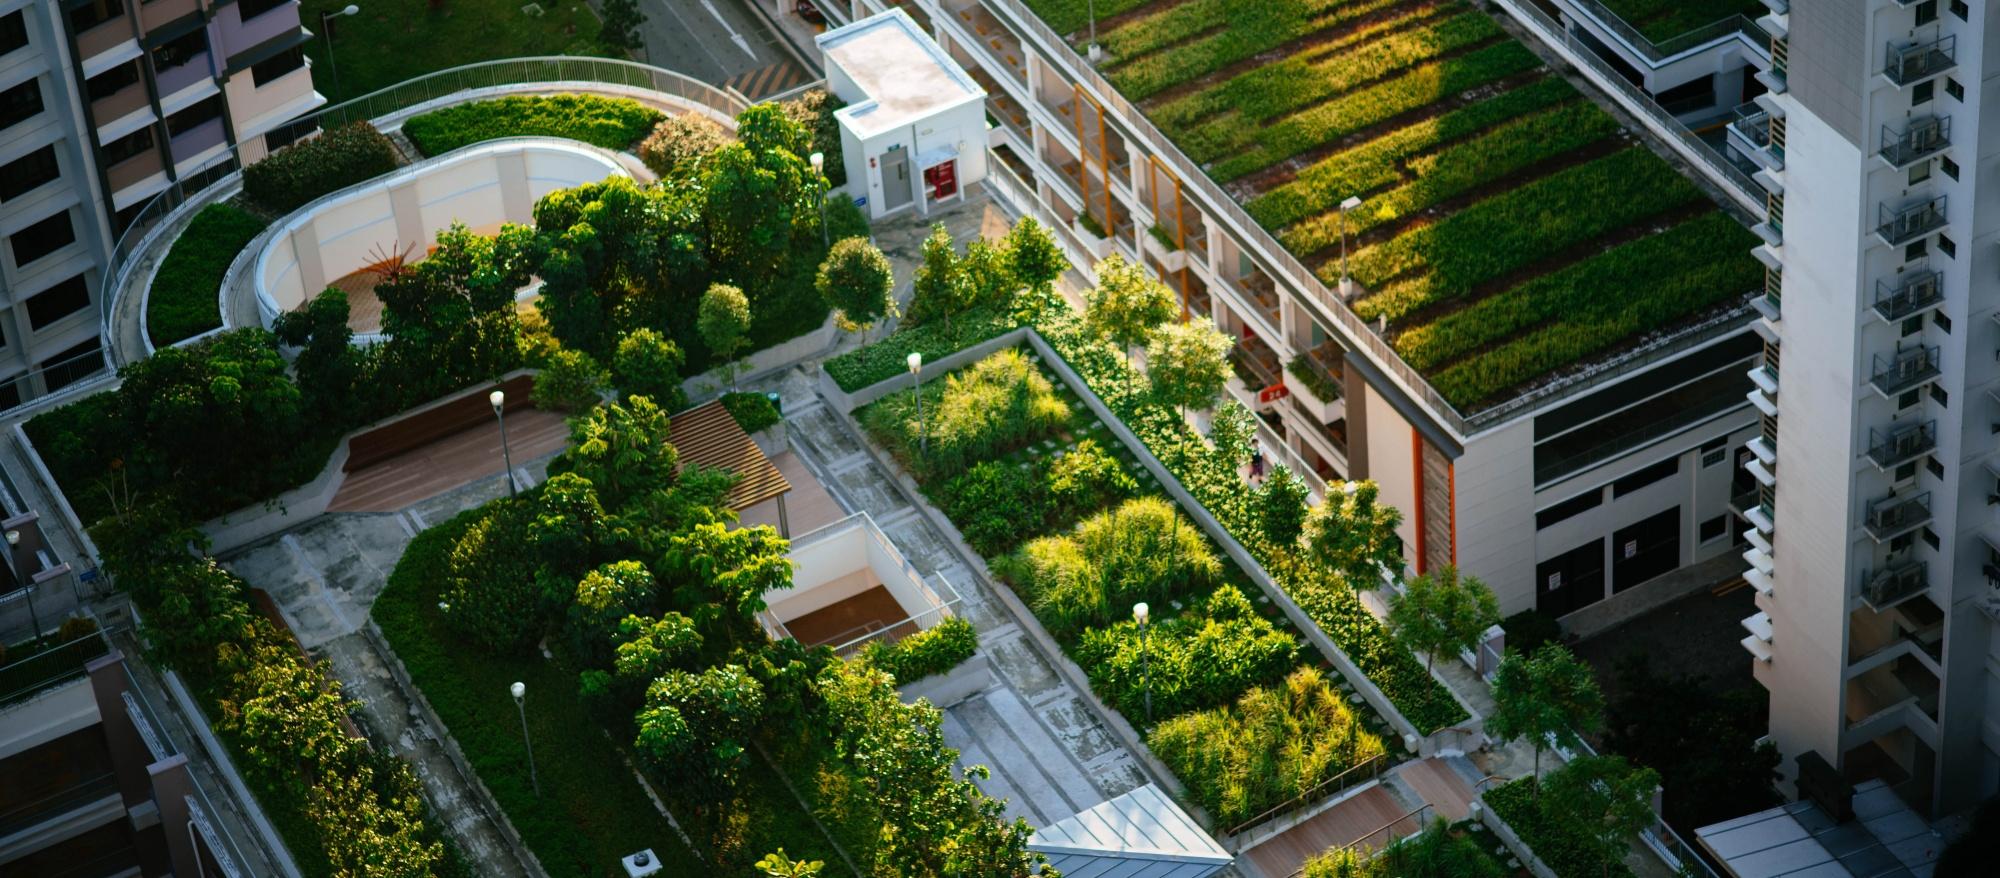 ¿Qué debes tener en cuenta al instalar una cubierta verde?